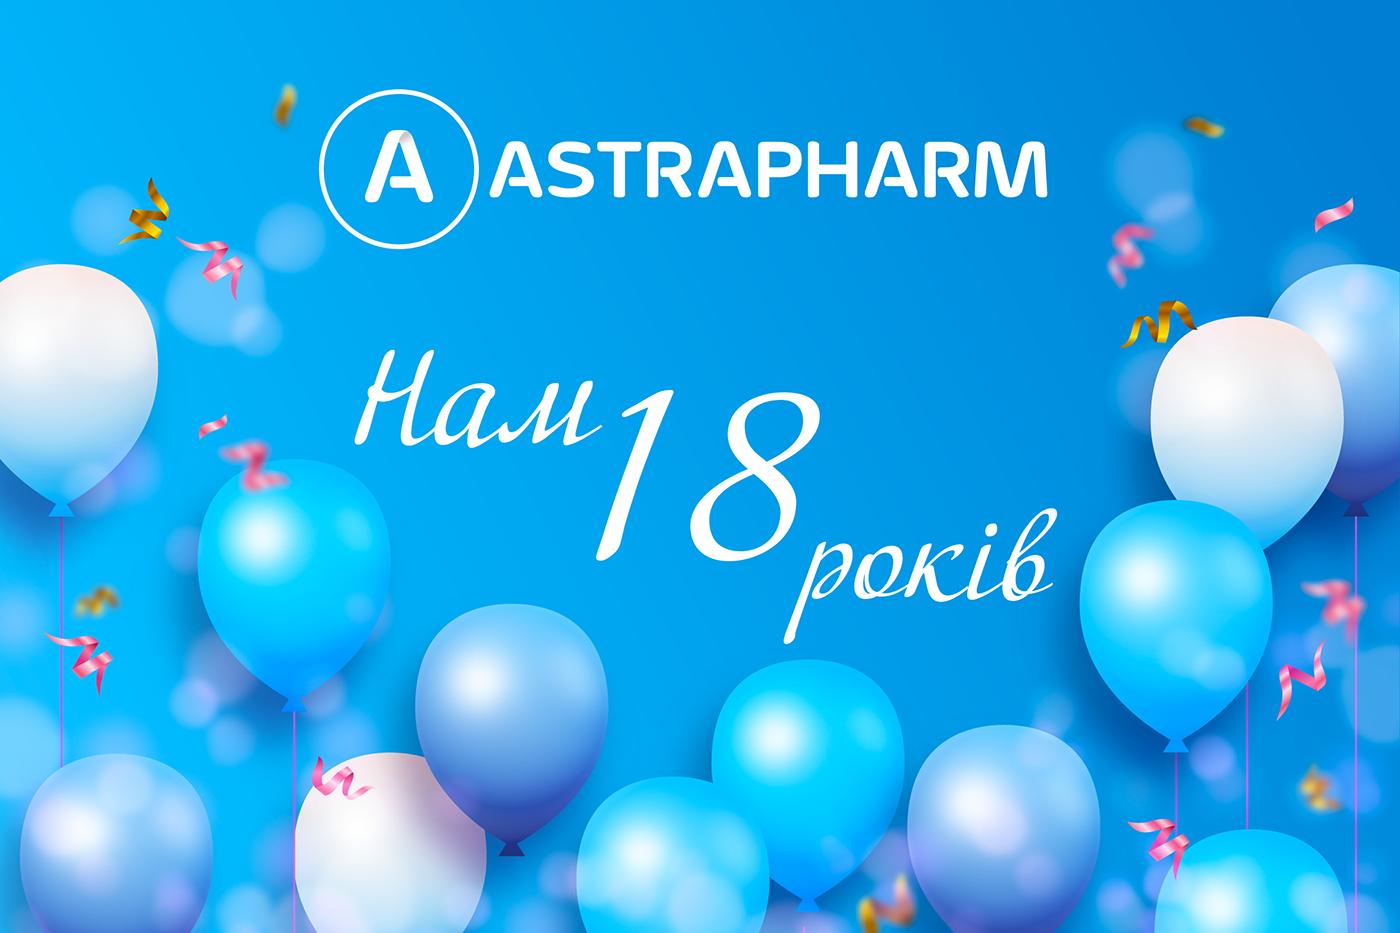 Астрафарм святкує 18-річчя!